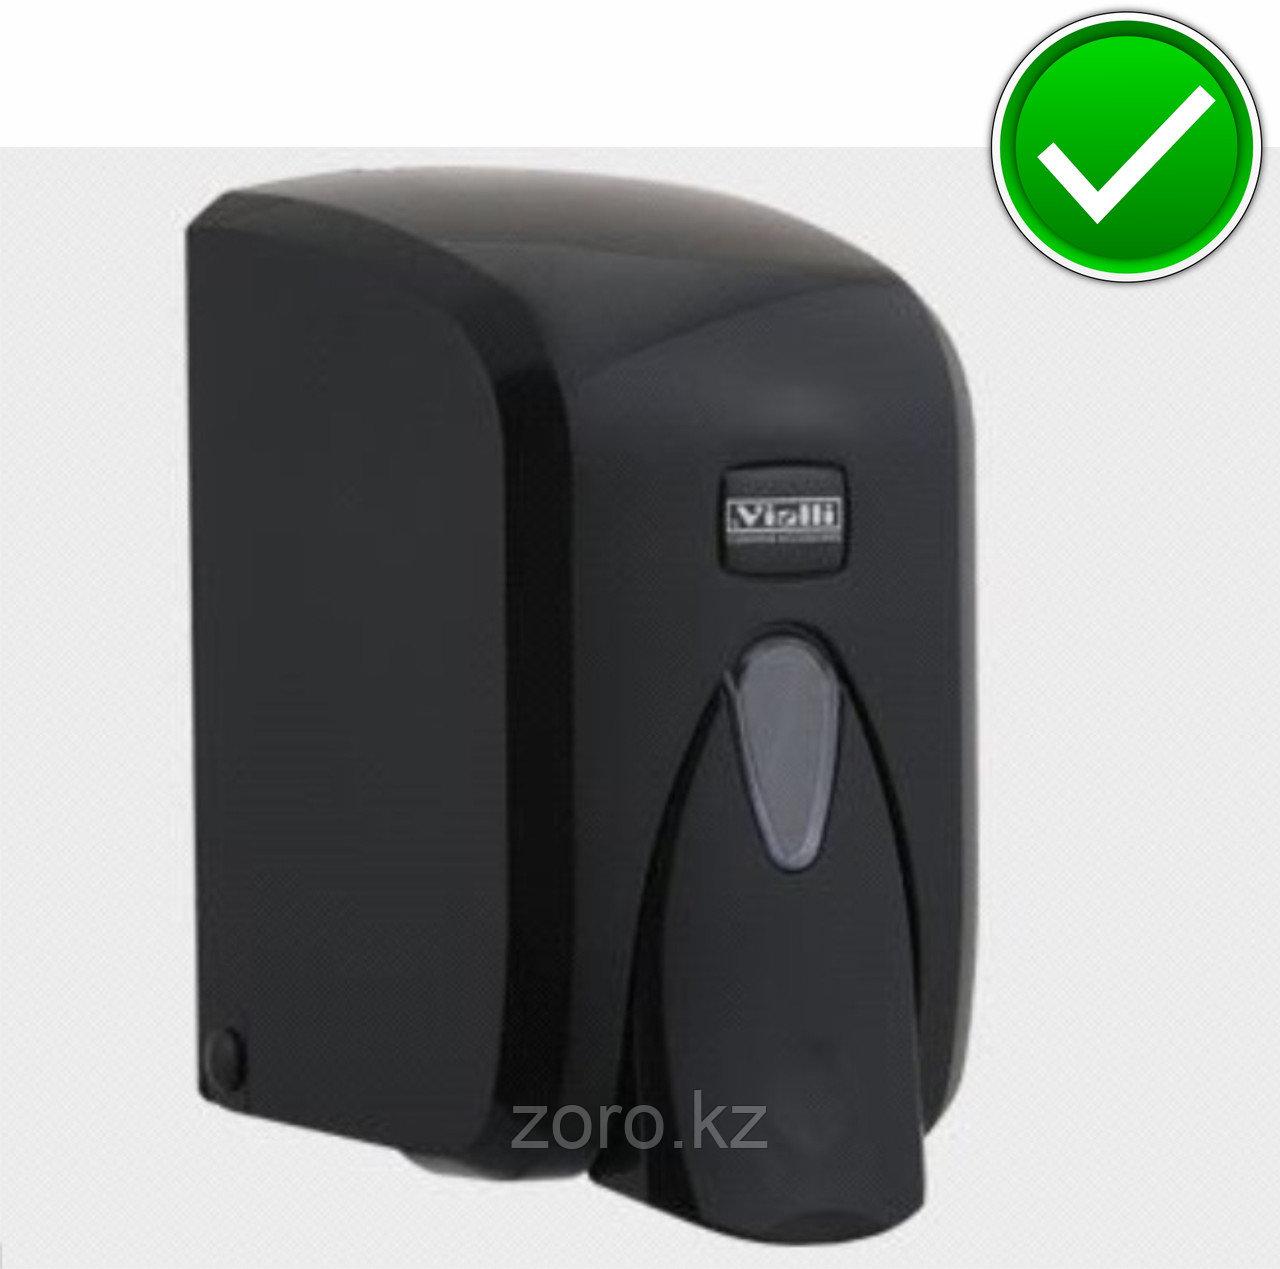 Дозатор (диспенсер) Vialli для пенки и жидкого мыла 500 мл.Черный цвет. Мыльница.